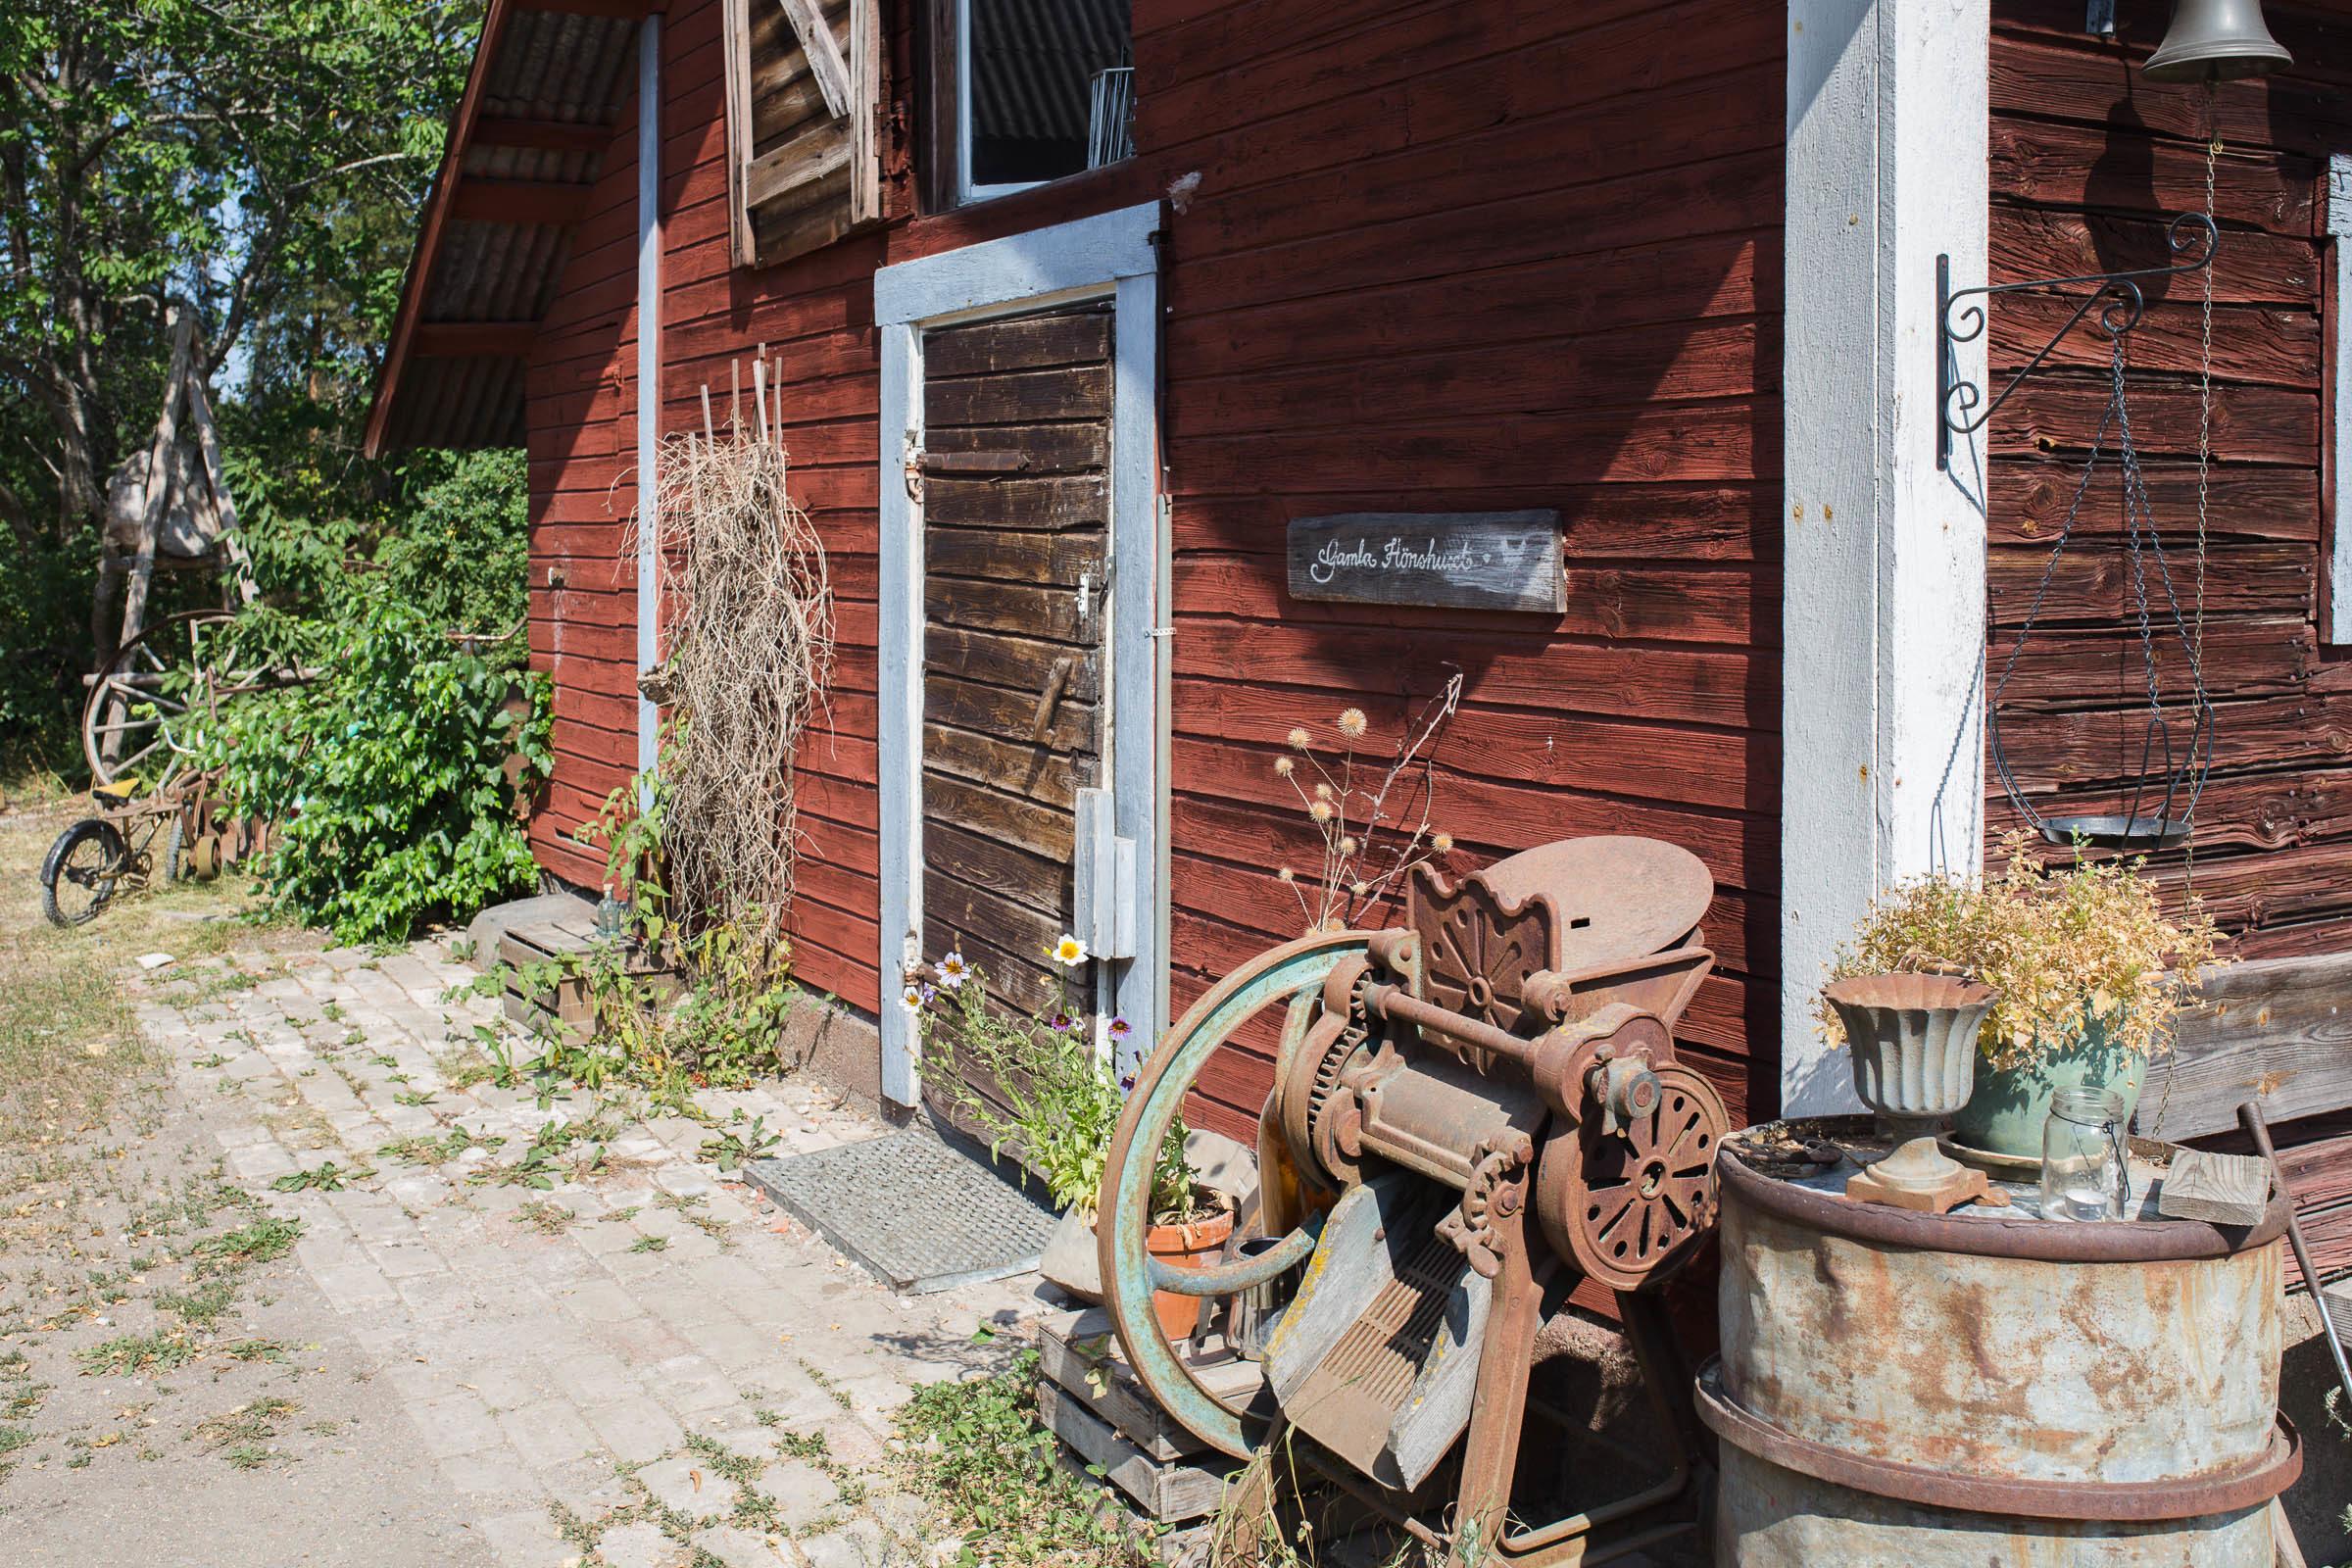 Utflykt till Rosenhill på Ekerö